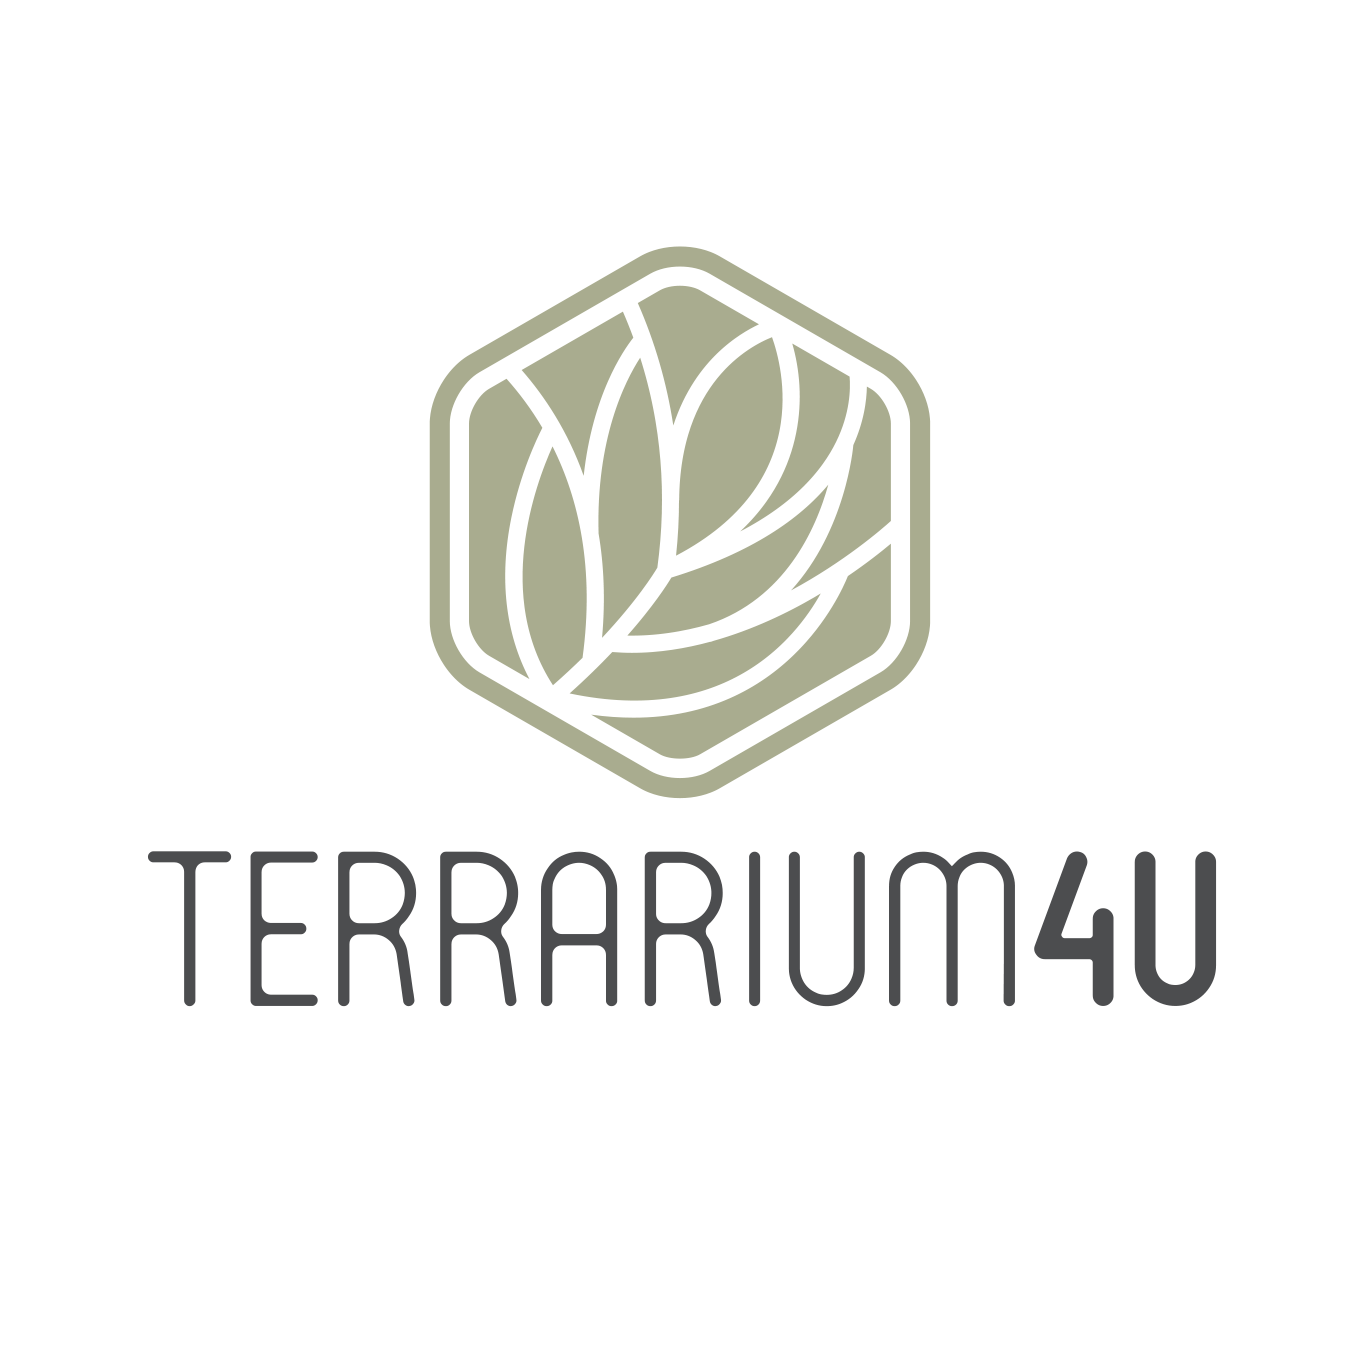 Closed Terrariums Terrarium4u